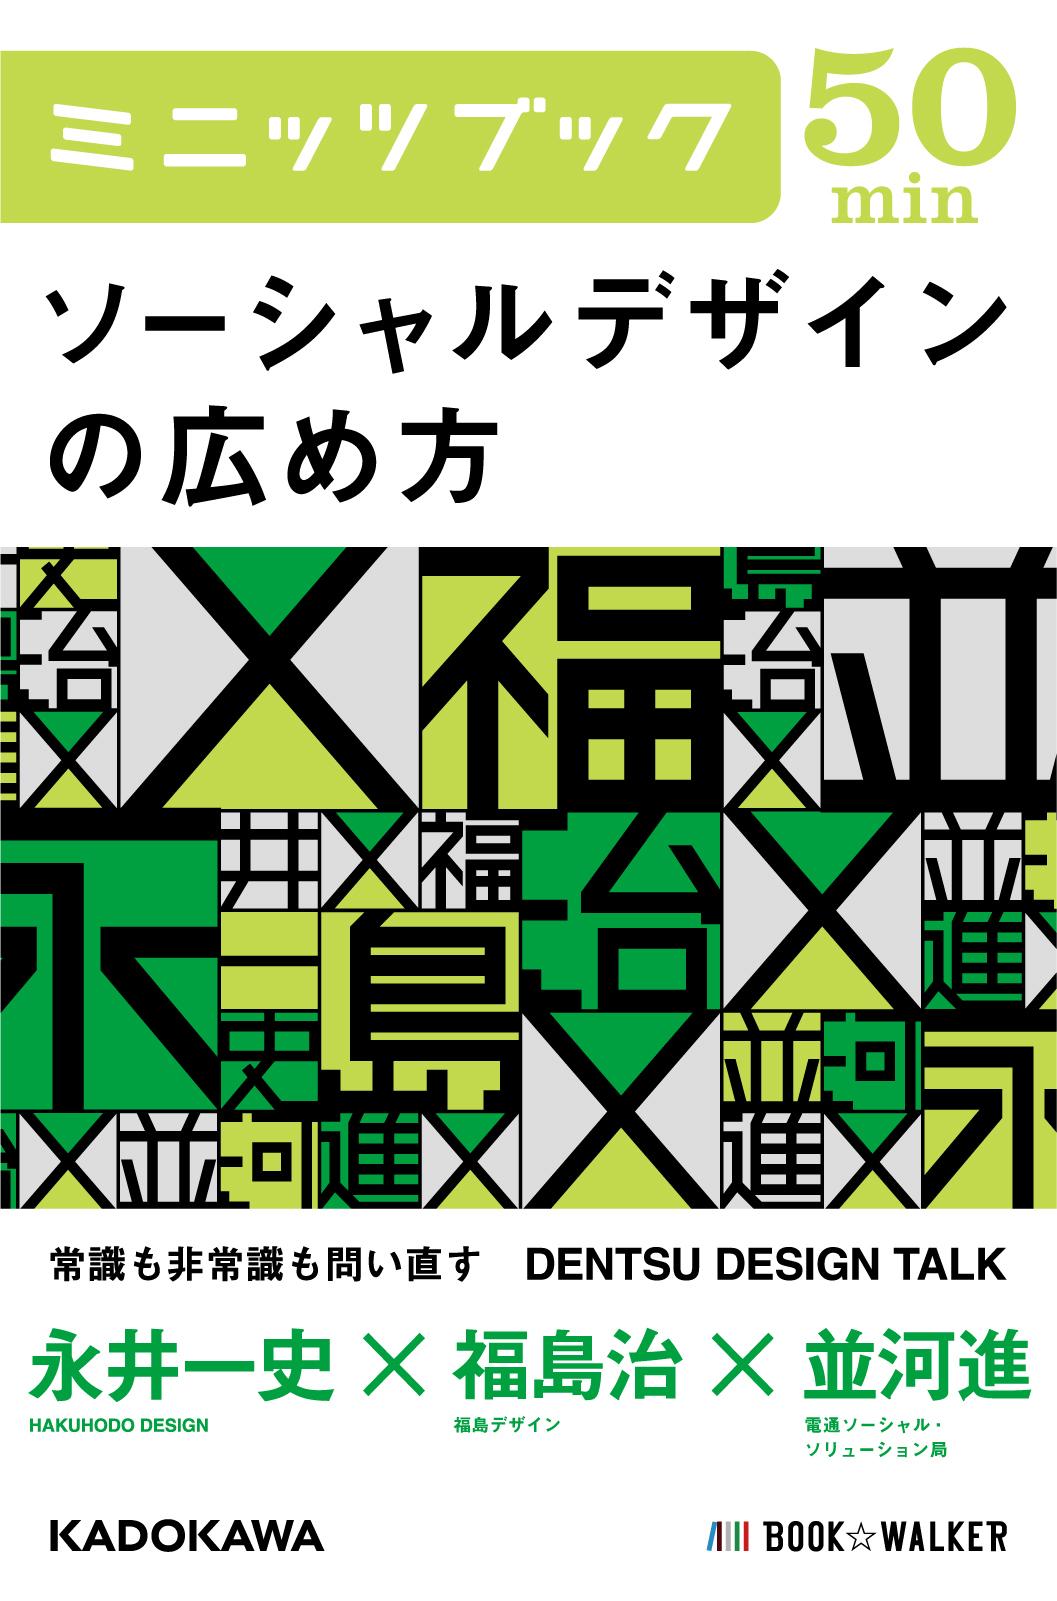 ミニッツブック「ソーシャルデザインの広め方」永井一史×福島治×並河進